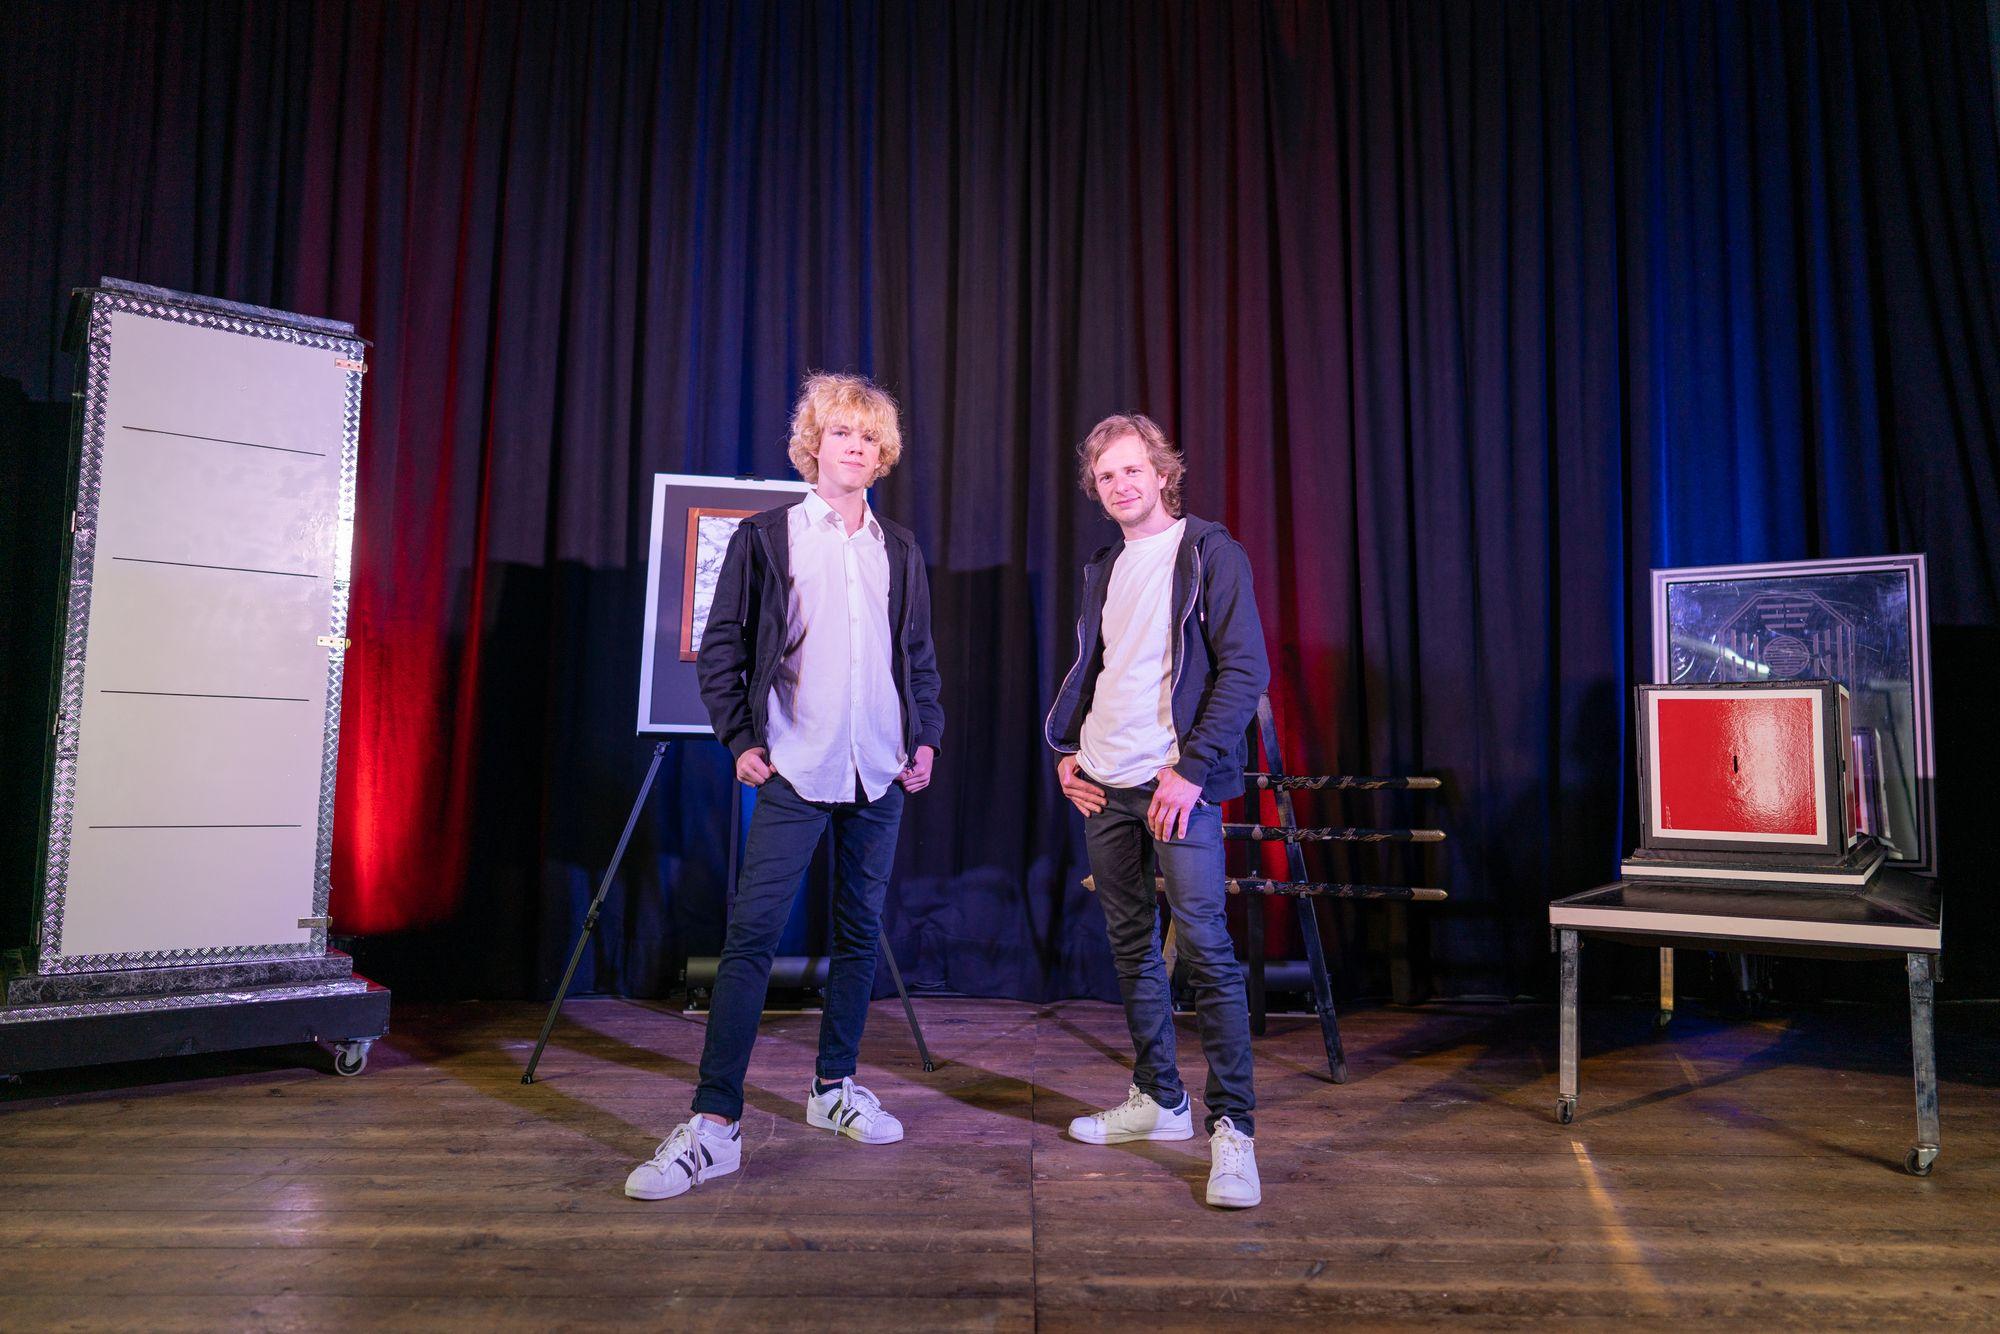 Magier Duo Limäx